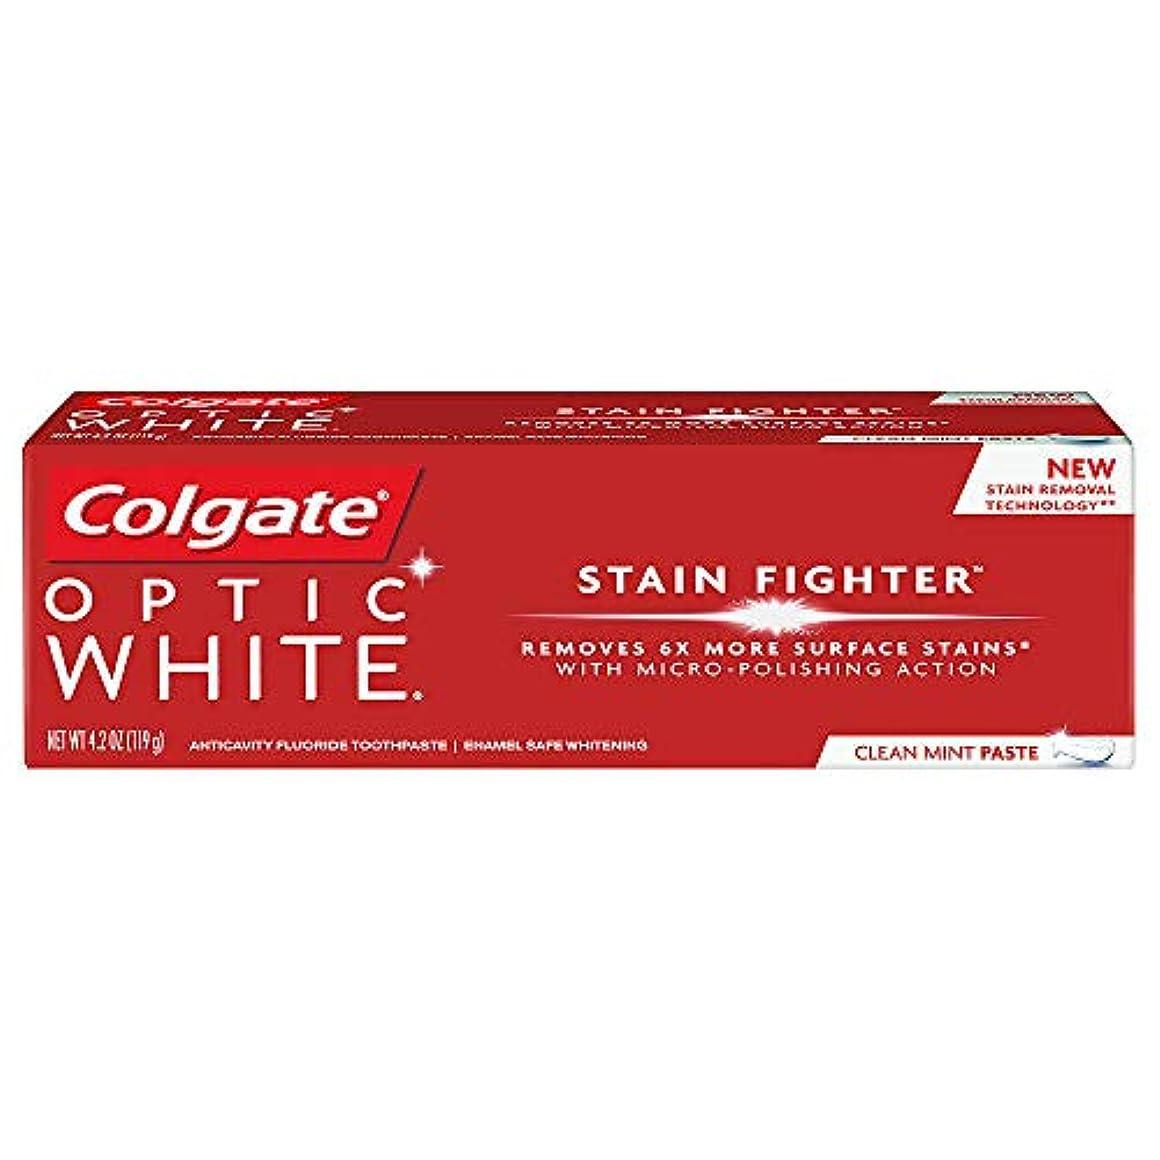 罪人撃退する時系列コルゲート ホワイトニング Colgate 119g Optic White STAIN FIGHTER 白い歯 歯磨き粉 ミント (Clean Mint Paste)